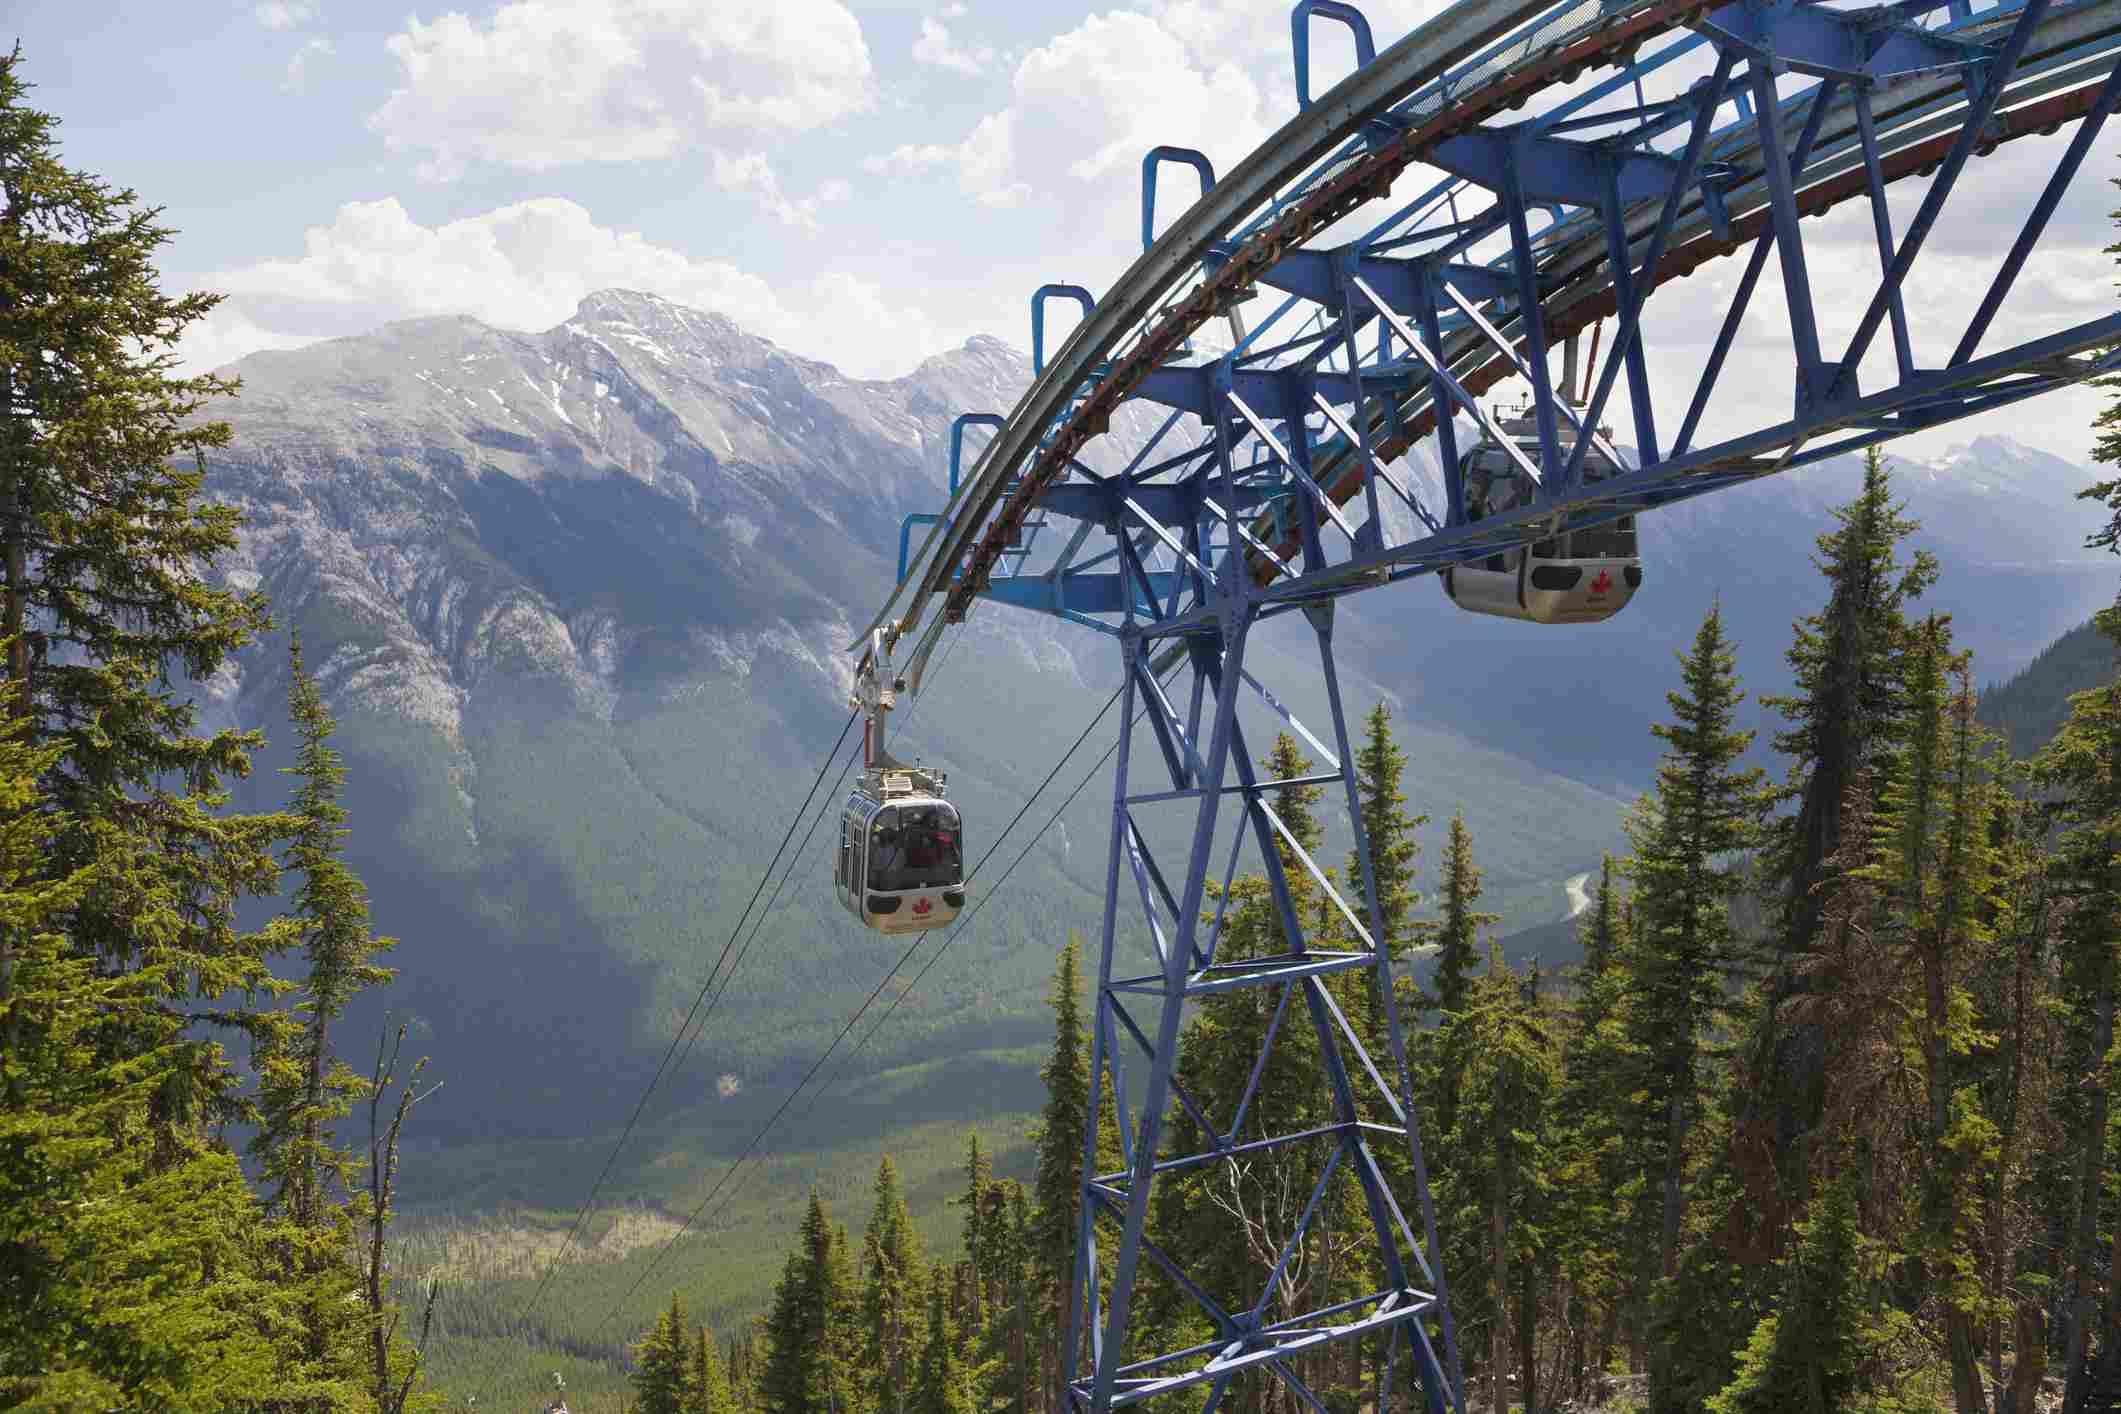 Gondola, Sulphur Mountain, Banff, Alberta, Canada